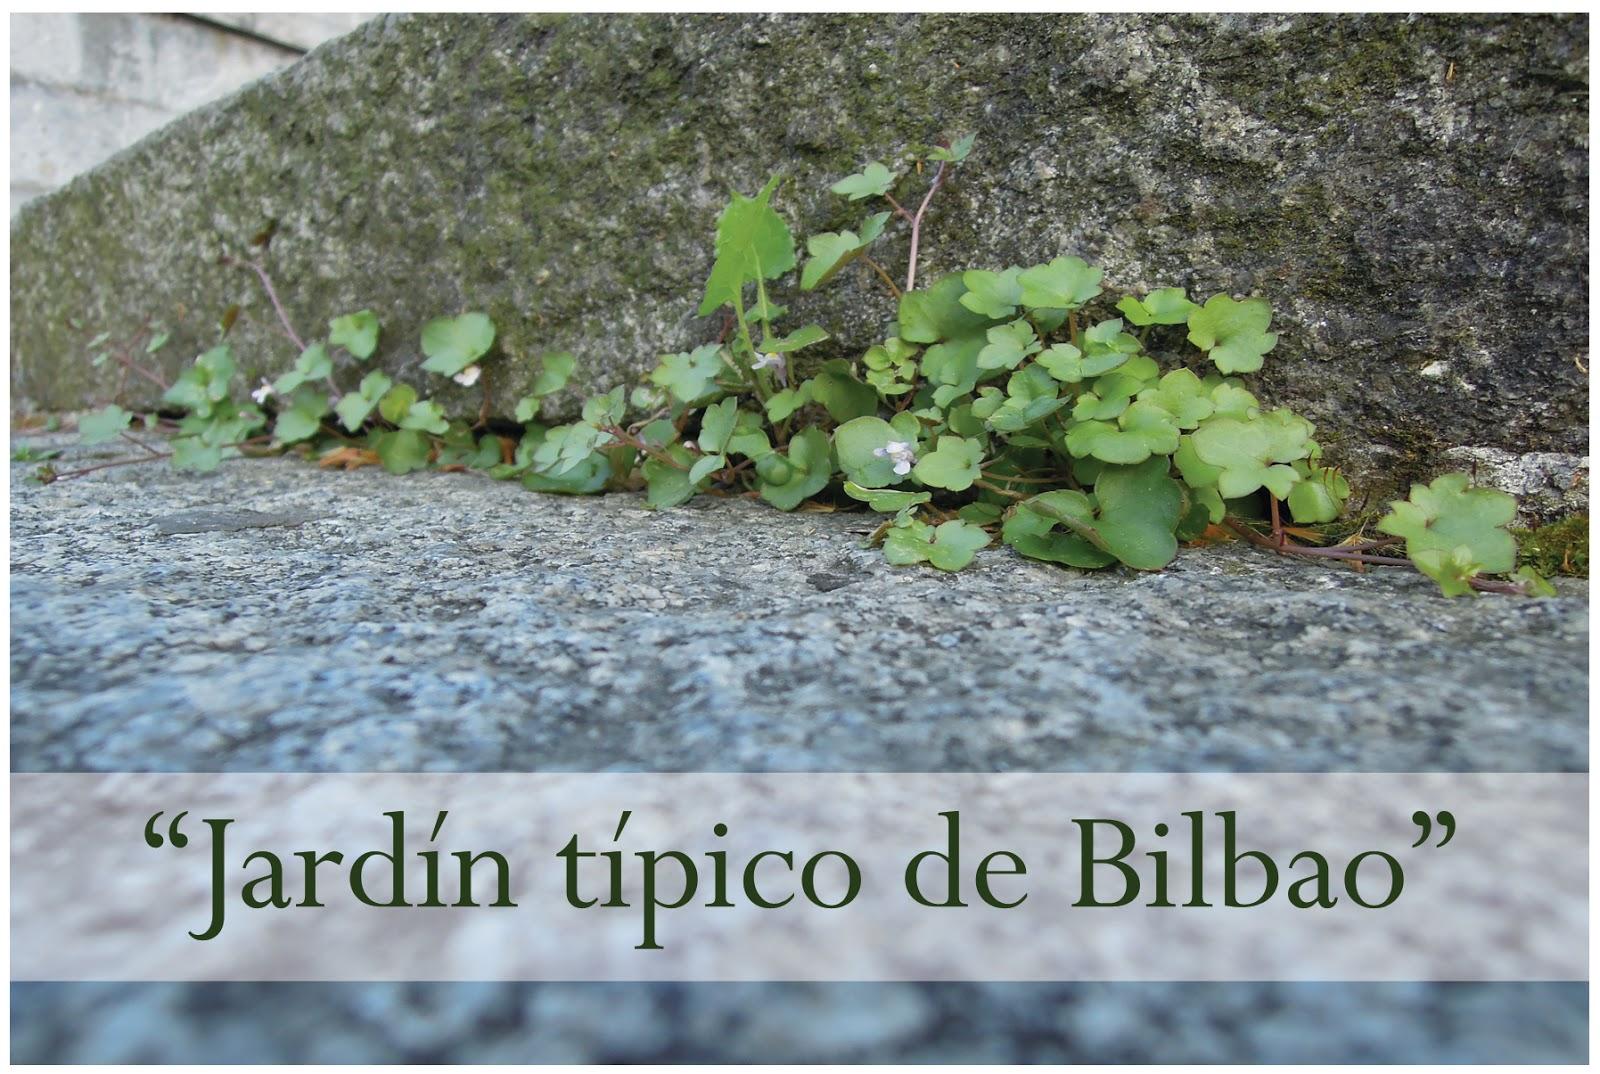 Jardines t picos de bilbao miriam mart nez guirao for Jardines de bilbao